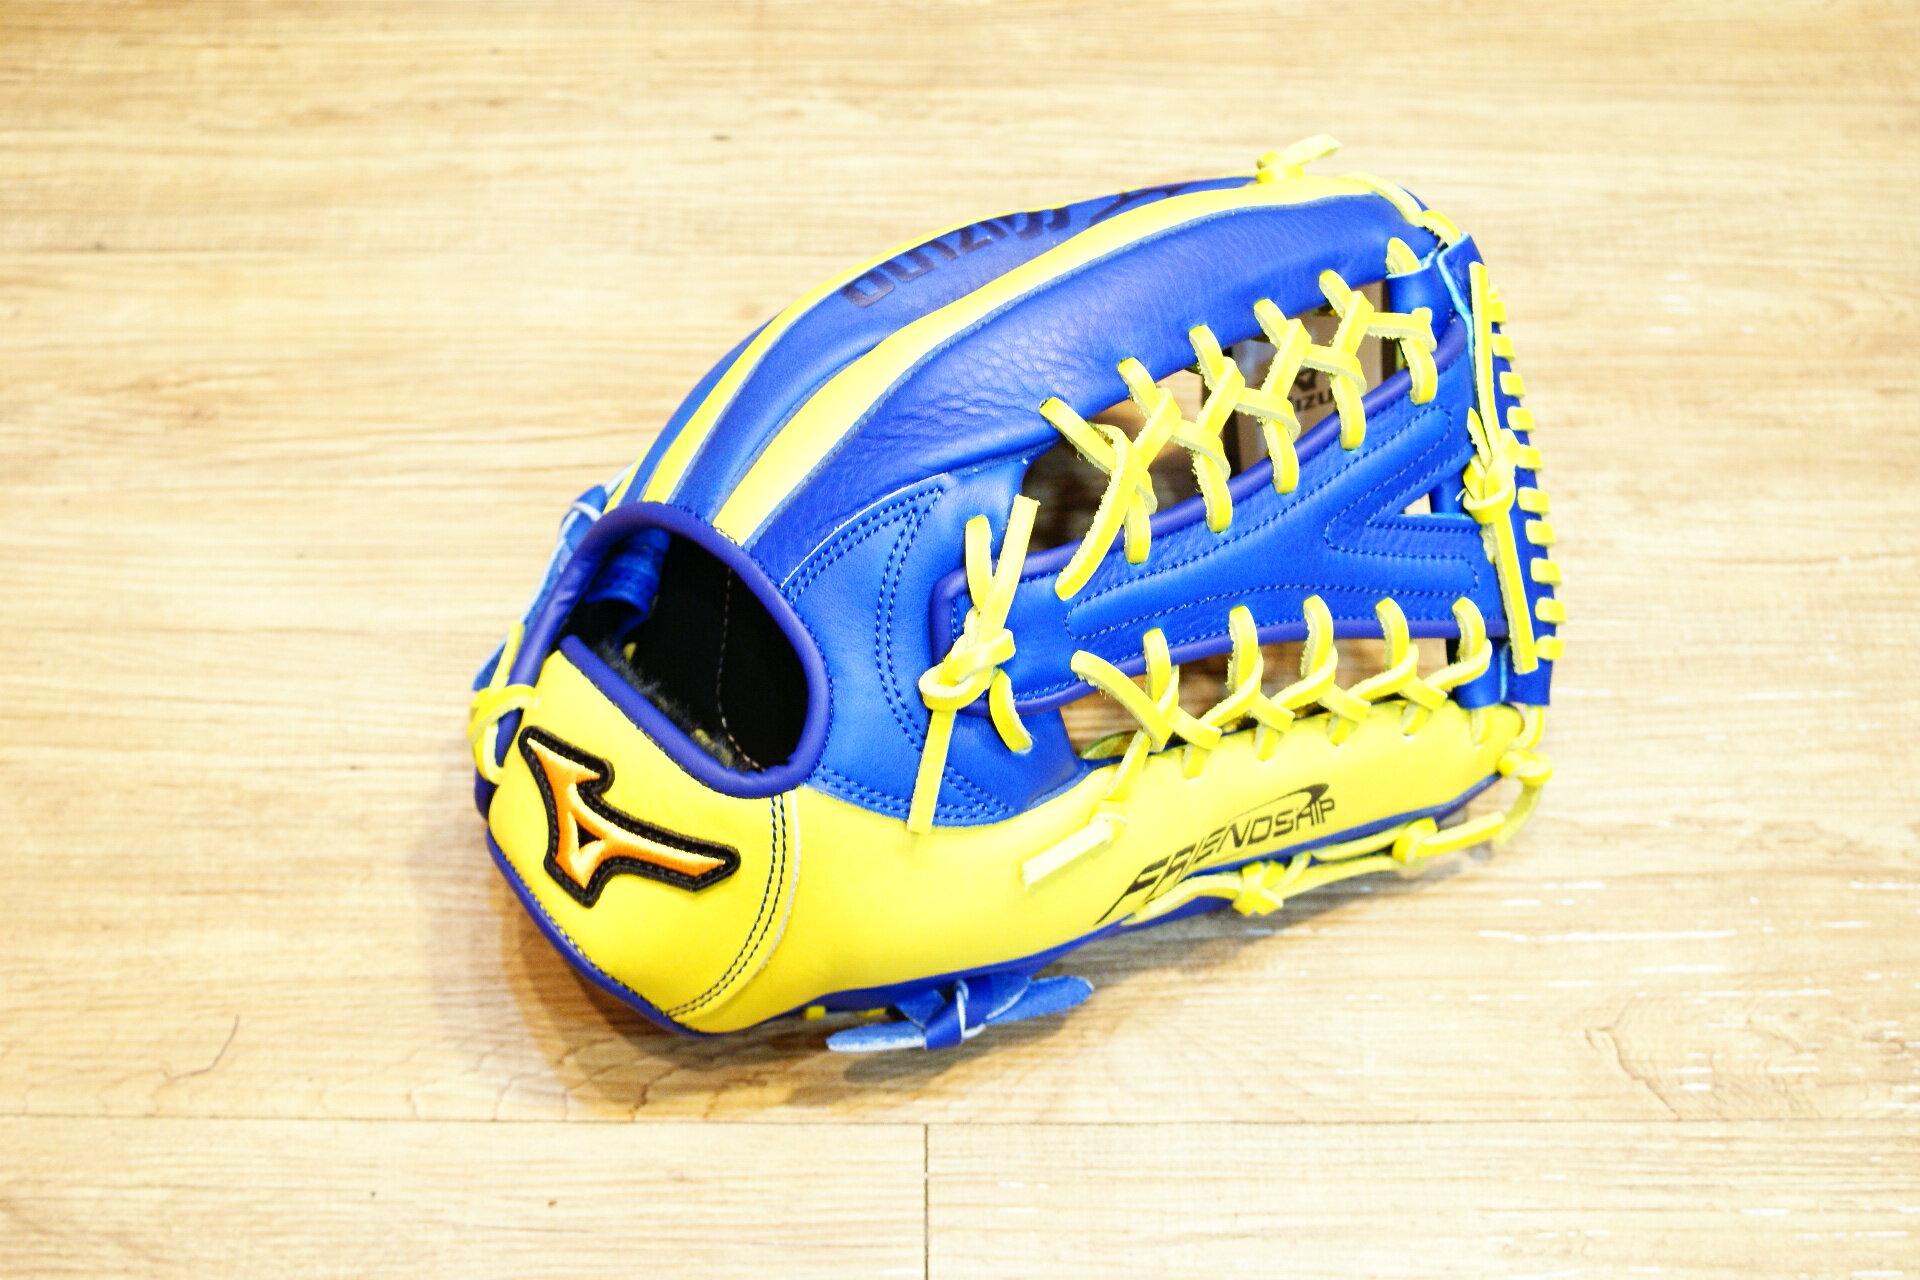 棒球世界 Mizuno 美津濃 FRIEND SHIP 壘球手套 1ATGS50860 特價萊姆藍配色 Y網球檔